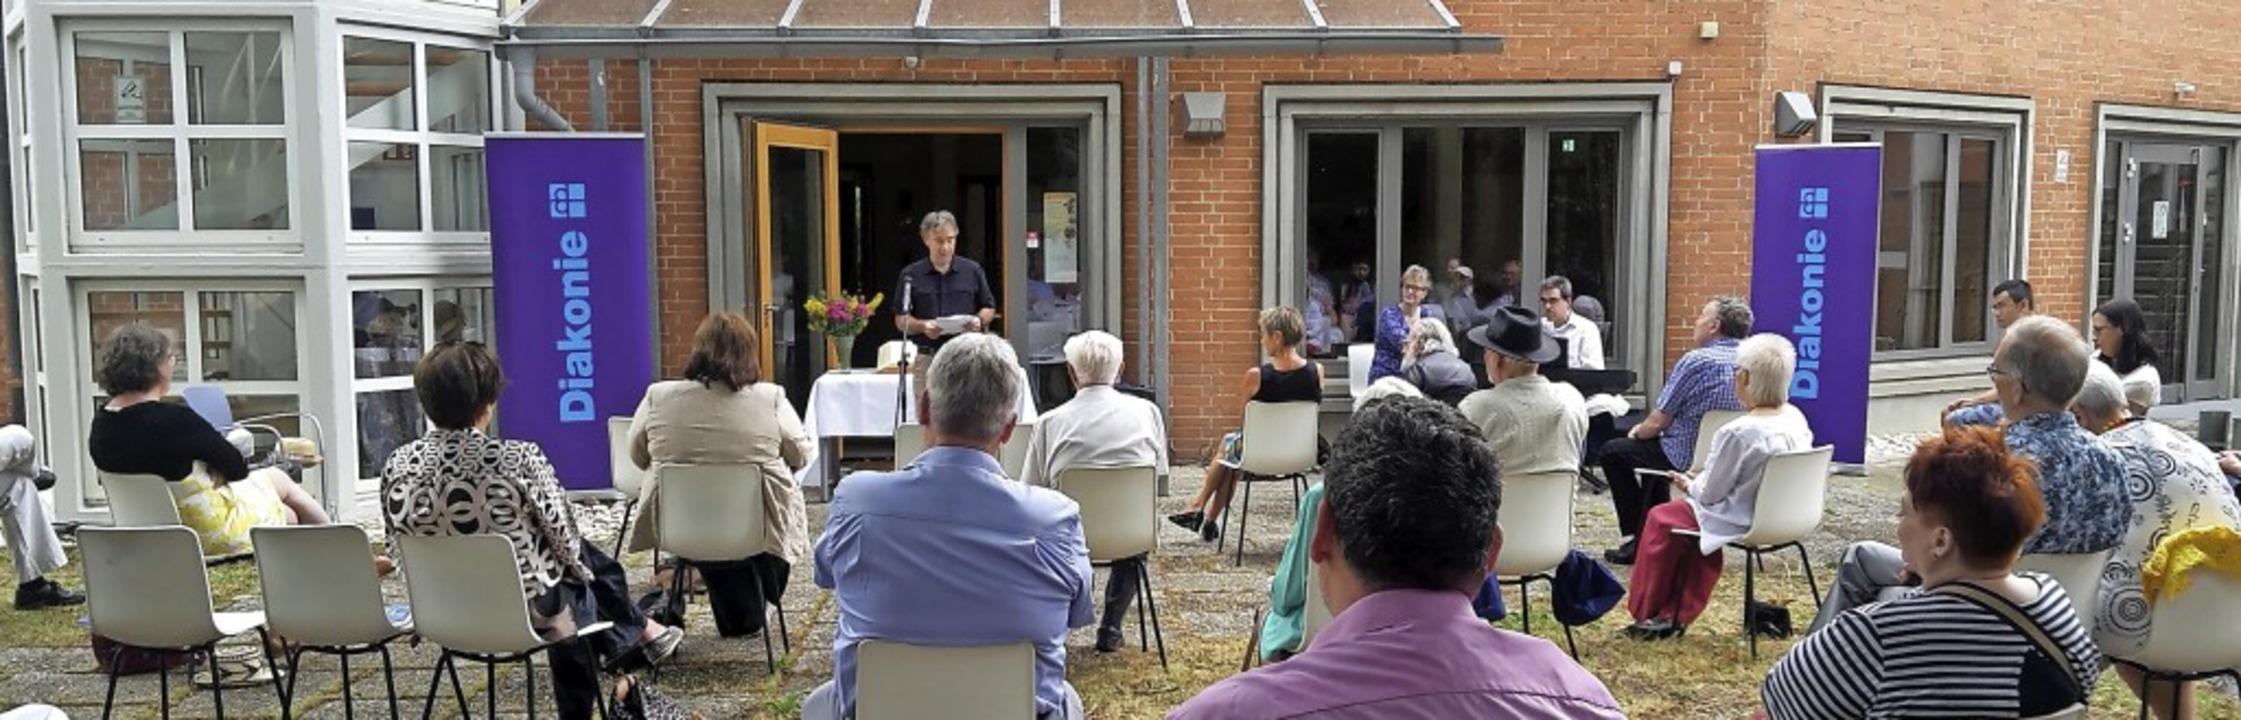 Gottesdienst zum Abschluss der Woche d...em Gottesdienst eine kurze Ansprache.   | Foto: Regine Ounas-Kräusel